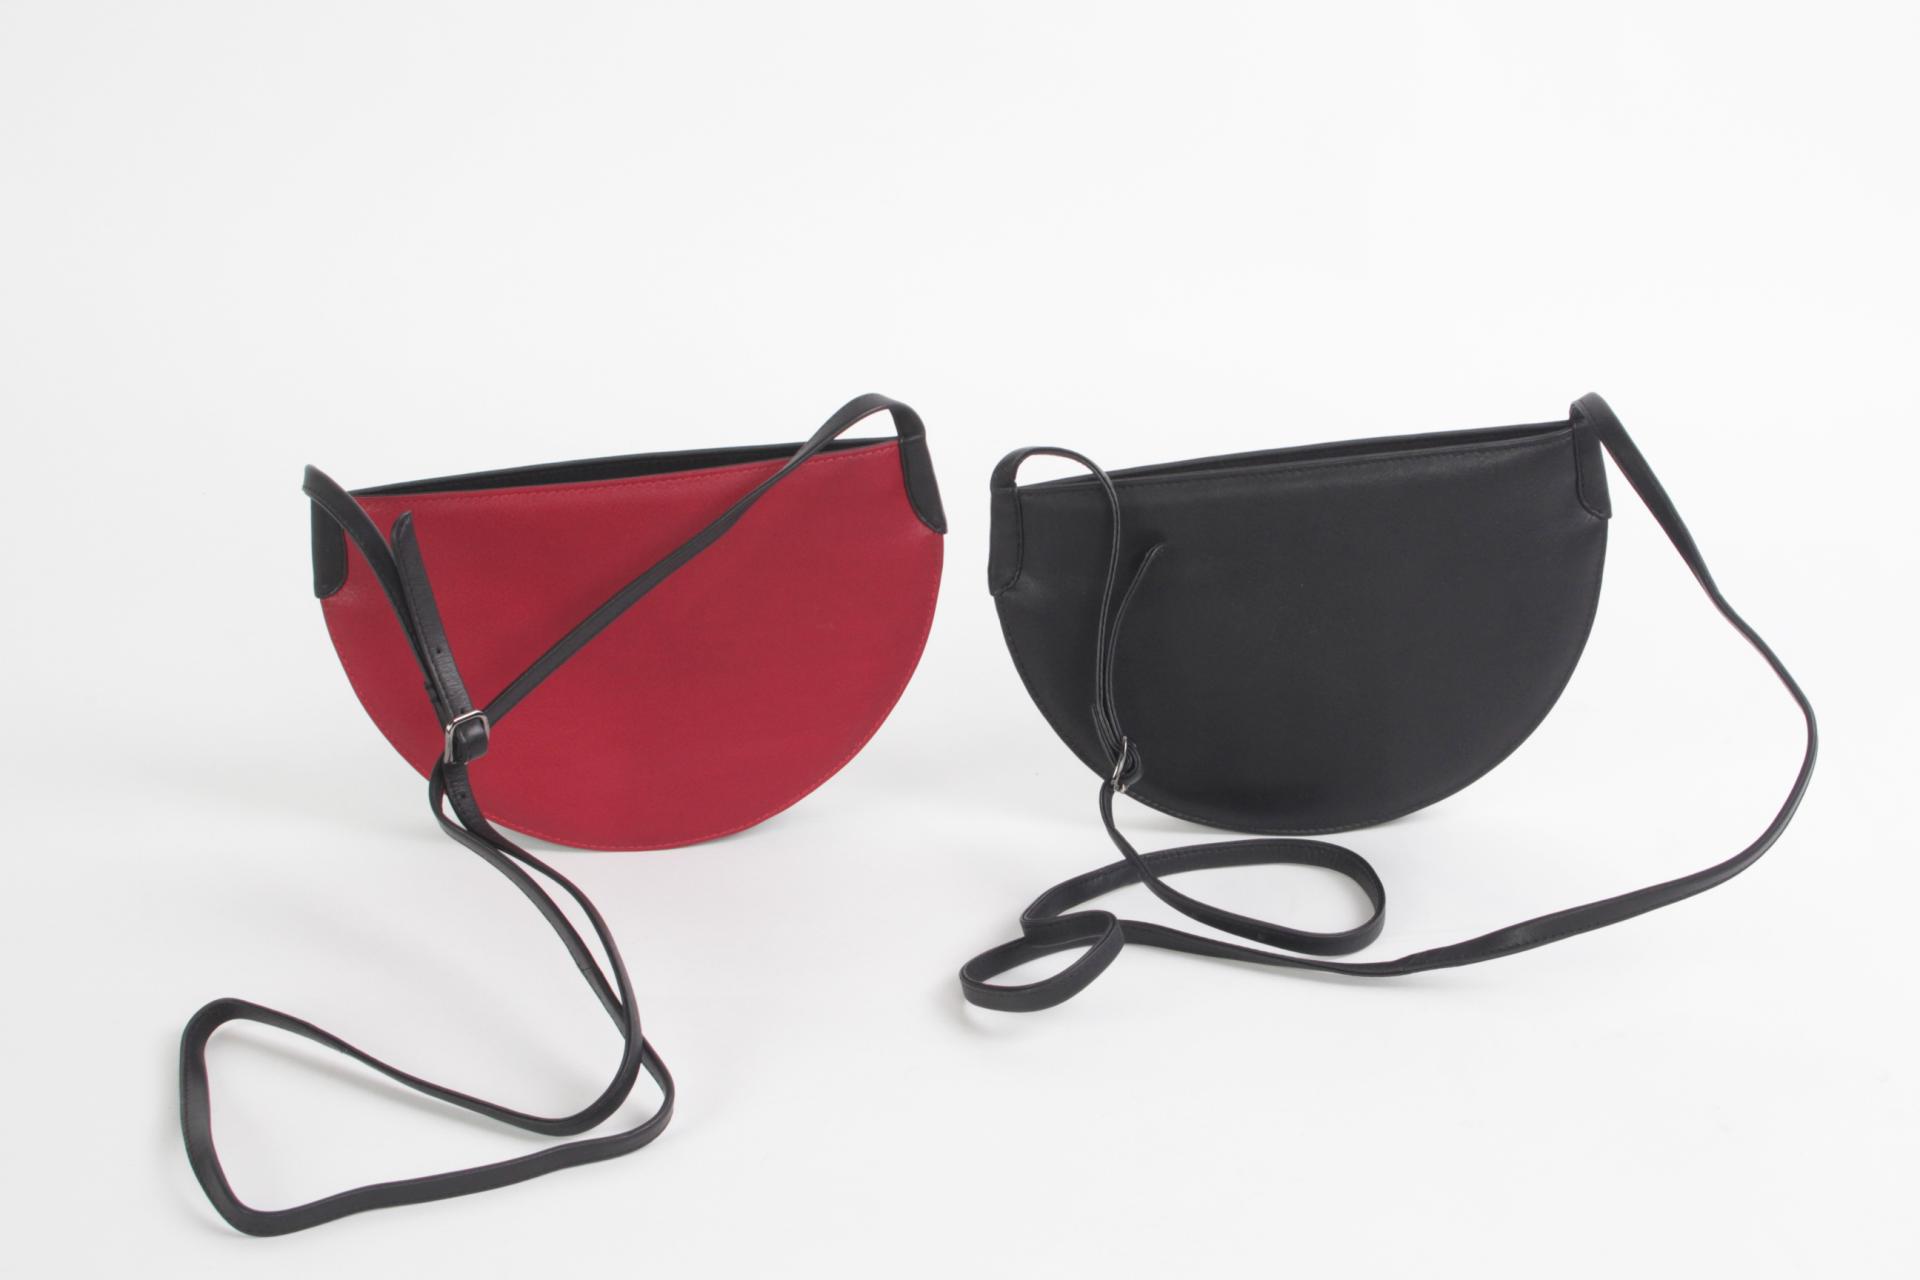 promotiecode beste goedkoop fabrieksuitgang Exclusieve leren tassen Leren tasje Peru rood, zwart